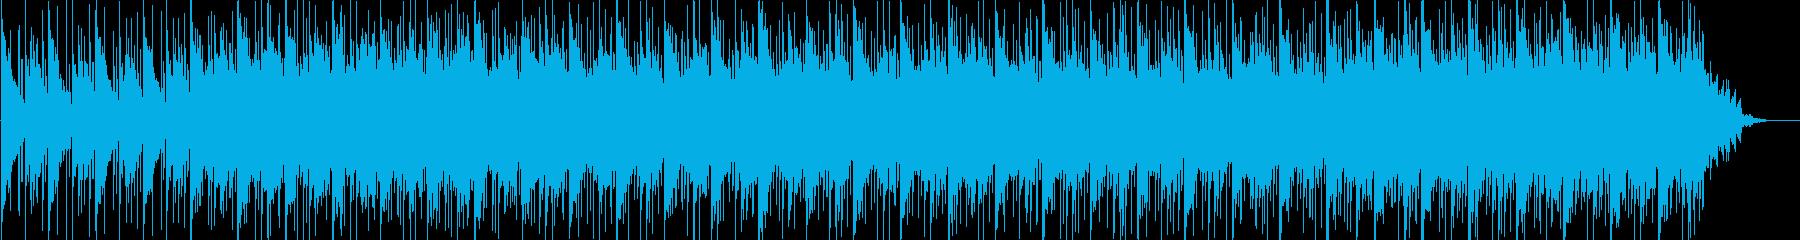 何かが迫ってくるような雰囲気の大正琴の曲の再生済みの波形